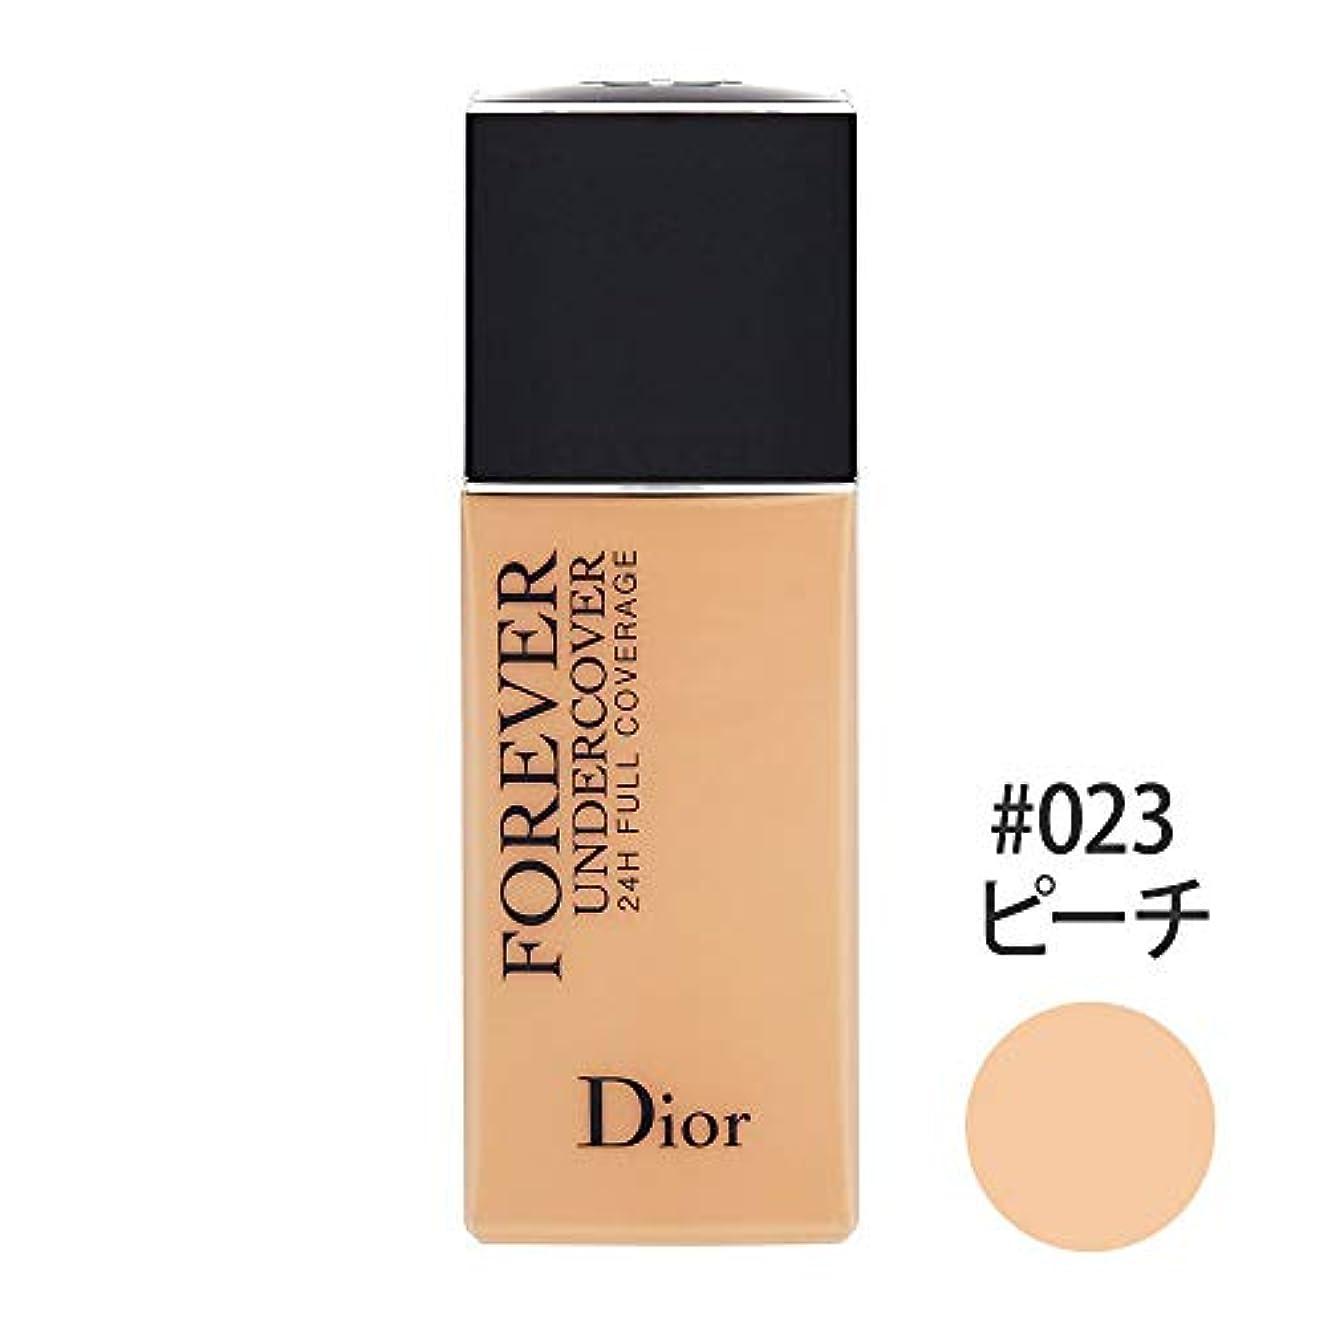 天のマイコン見るディオール(Dior) ディオールスキン フォーエヴァー アンダーカバー #023(ピーチ) 40ml [並行輸入品]